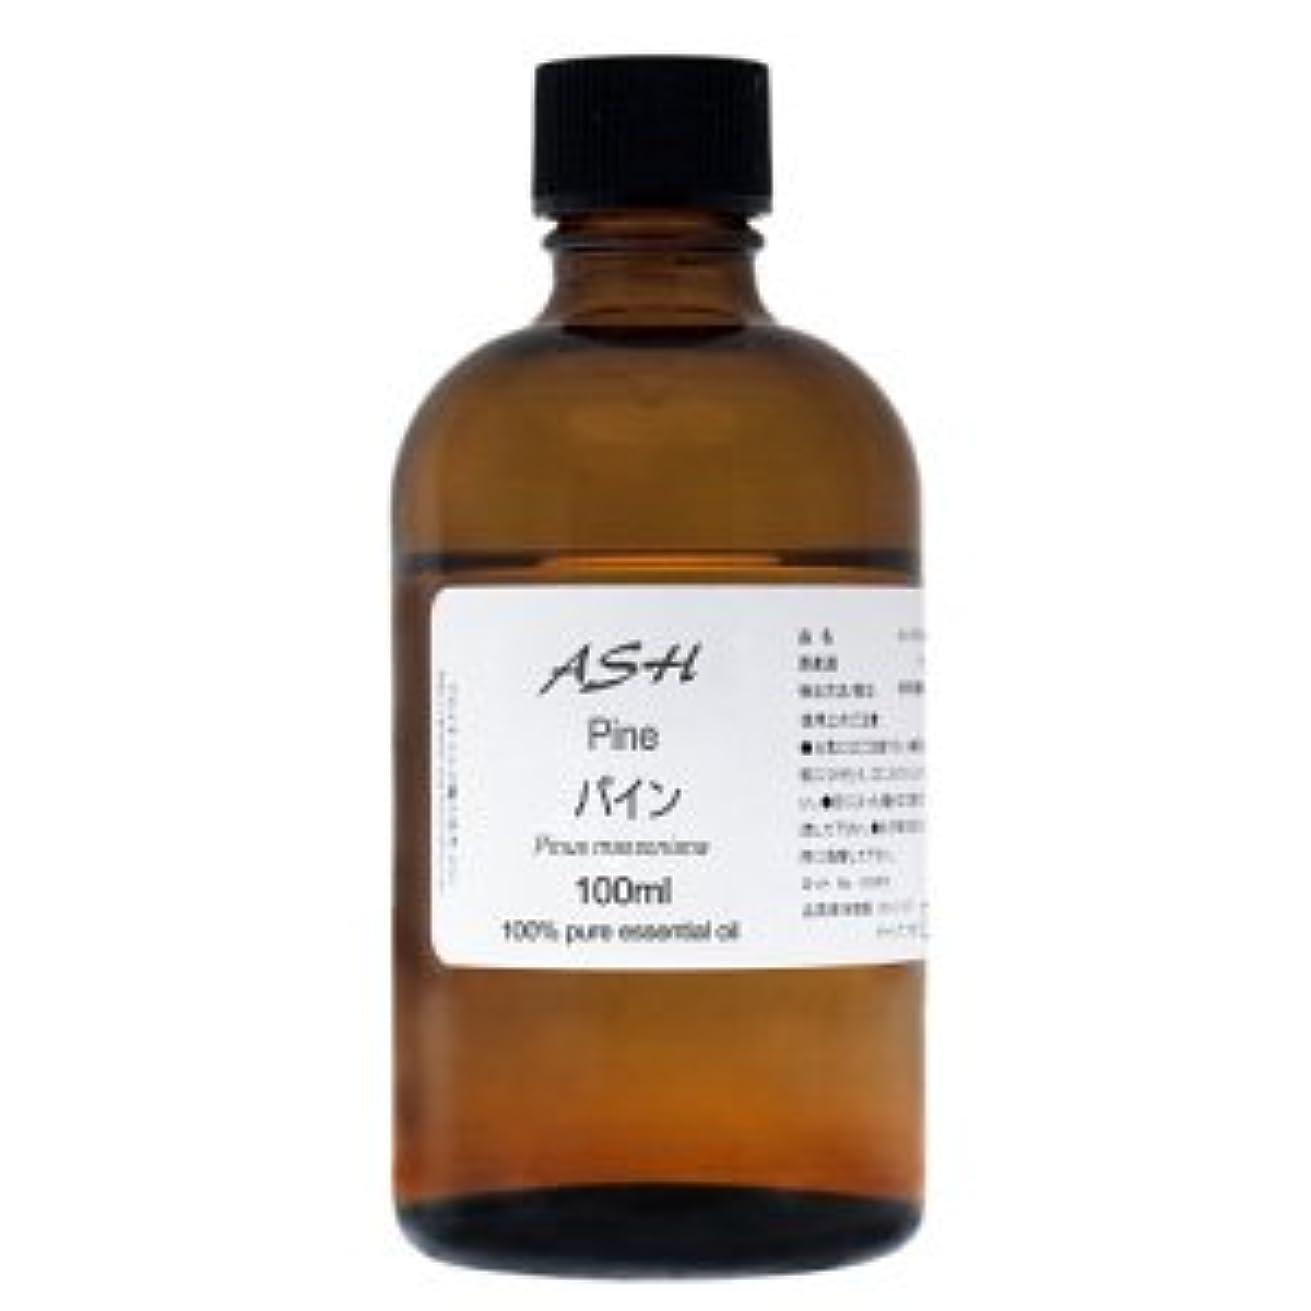 行動好みためにASH パイン (松) エッセンシャルオイル 100ml AEAJ表示基準適合認定精油